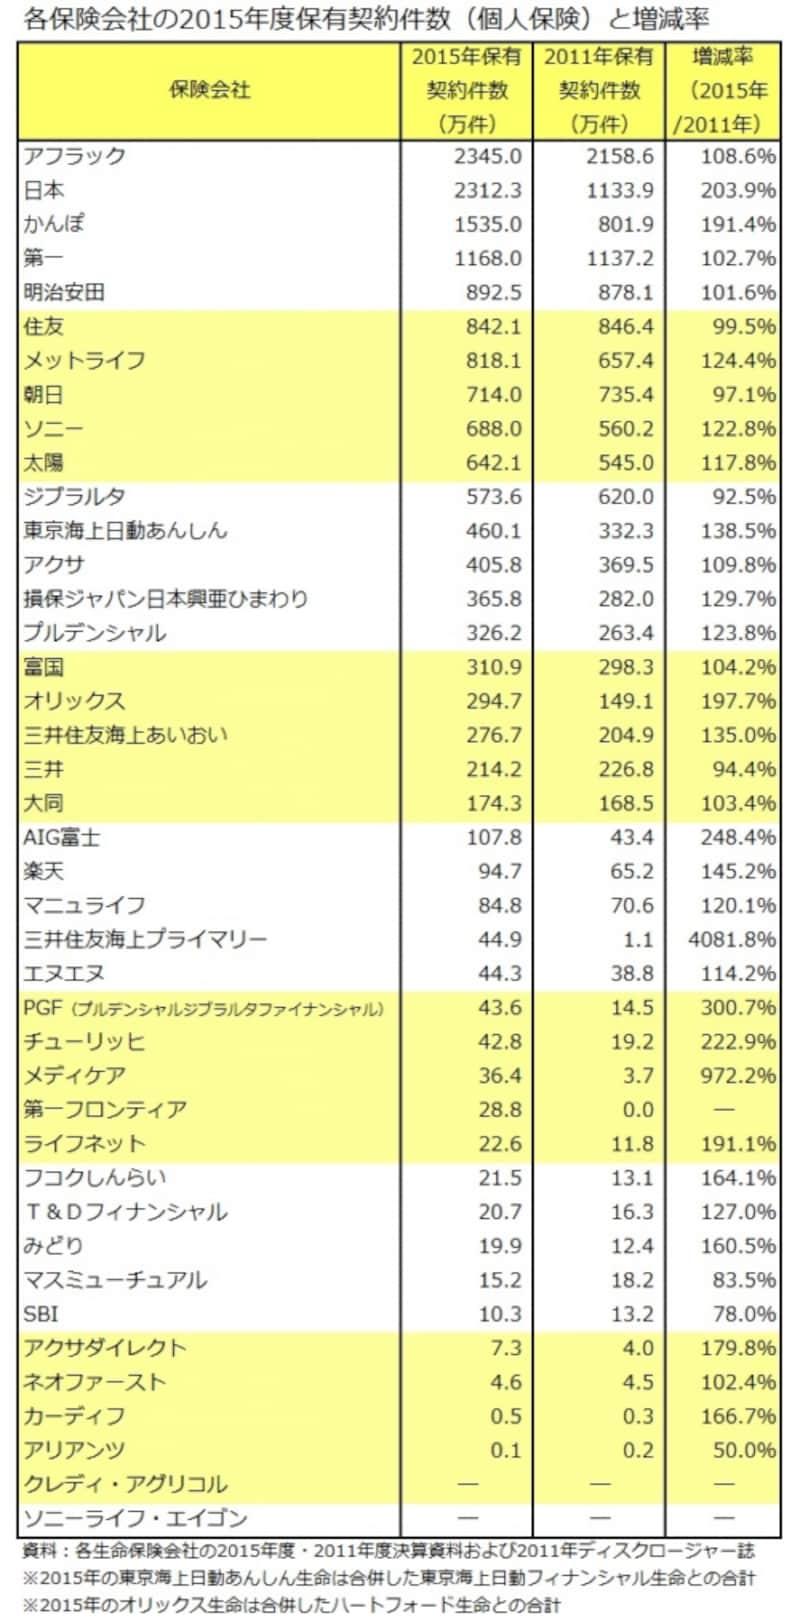 保有契約件数(個人契約)と増減率